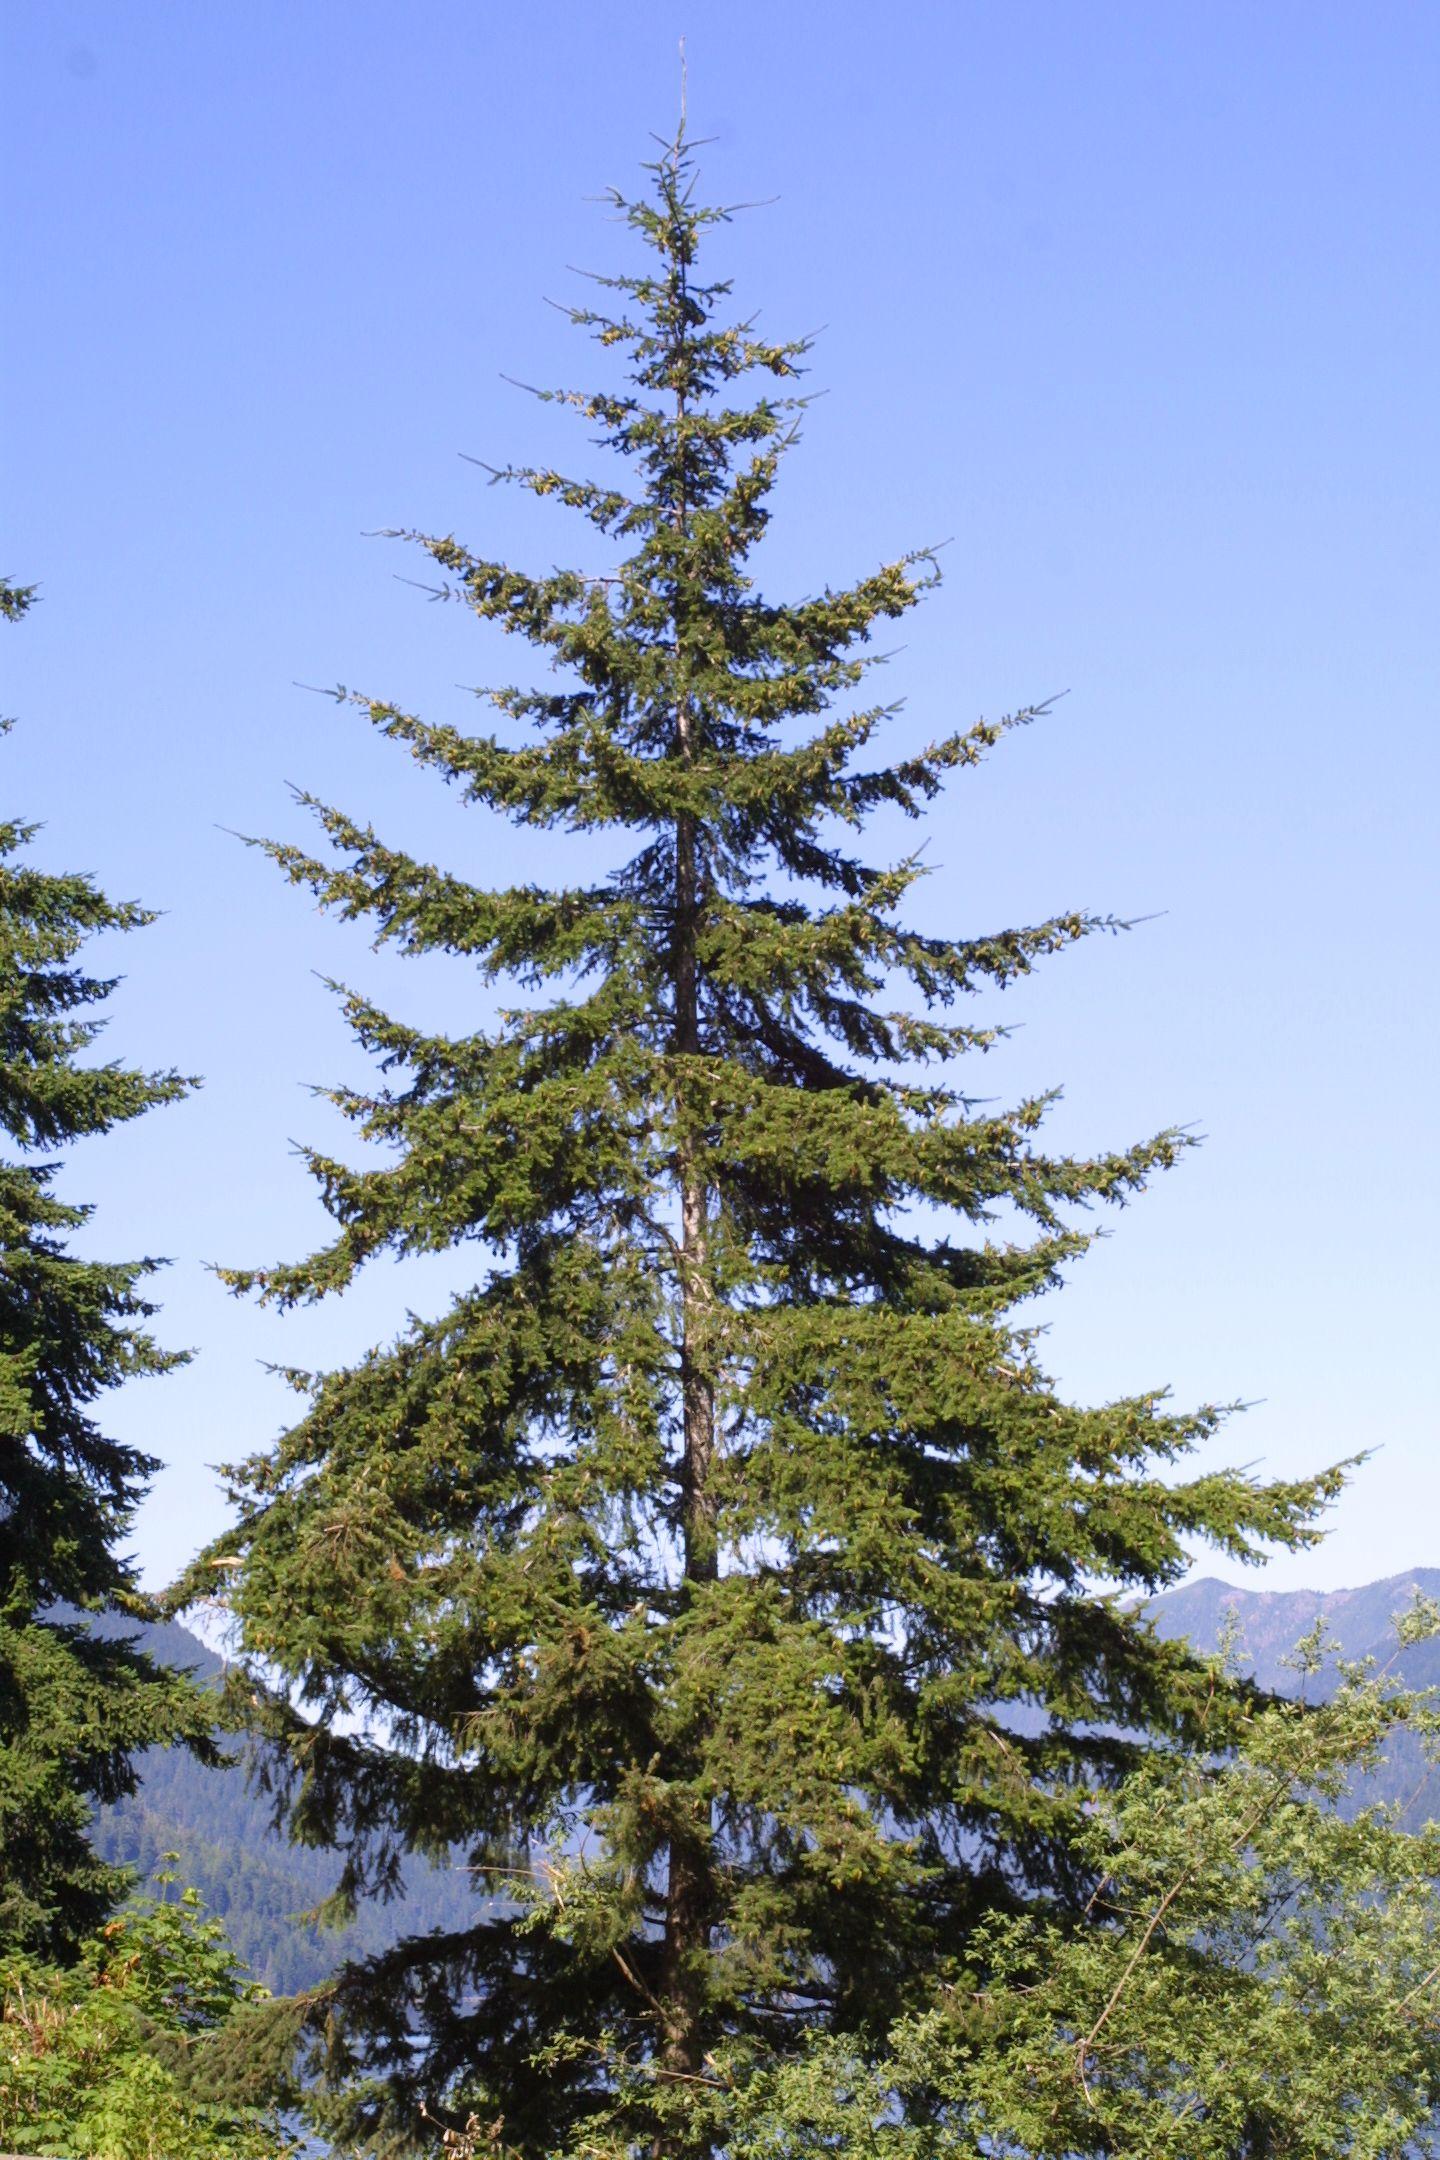 Douglas Fir Pseudotsuga Menziesii Tree Seed Online Ltd